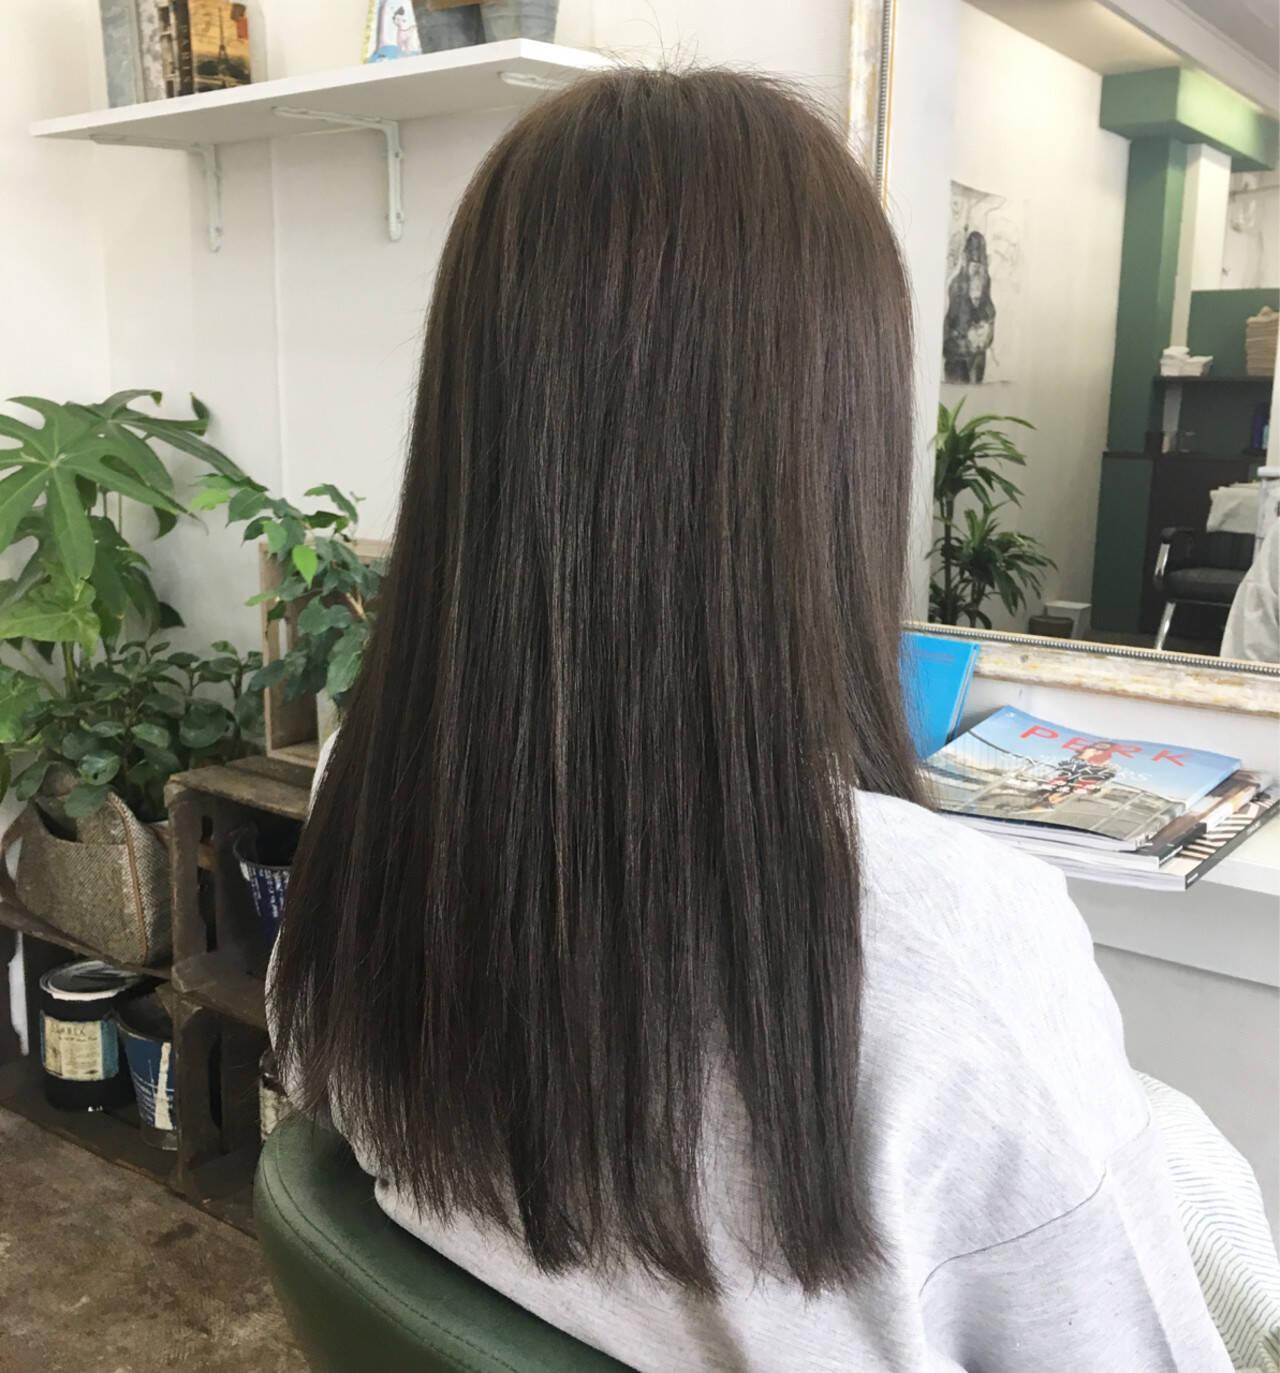 アッシュ ロング 黒髪 透明感ヘアスタイルや髪型の写真・画像